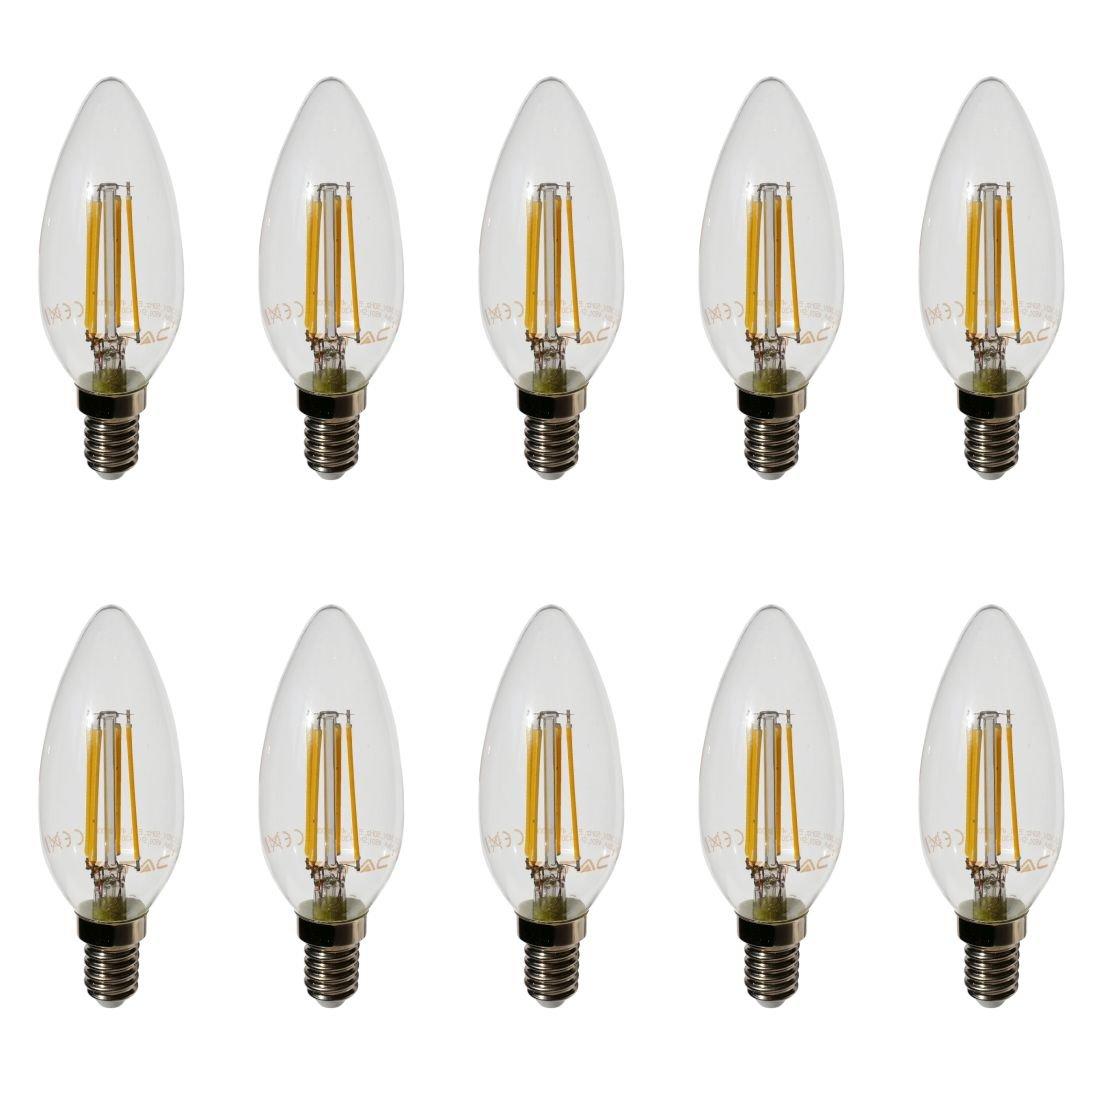 Acquisto quotidiano risparmio energetico le migliori for Lampadine a filamento led